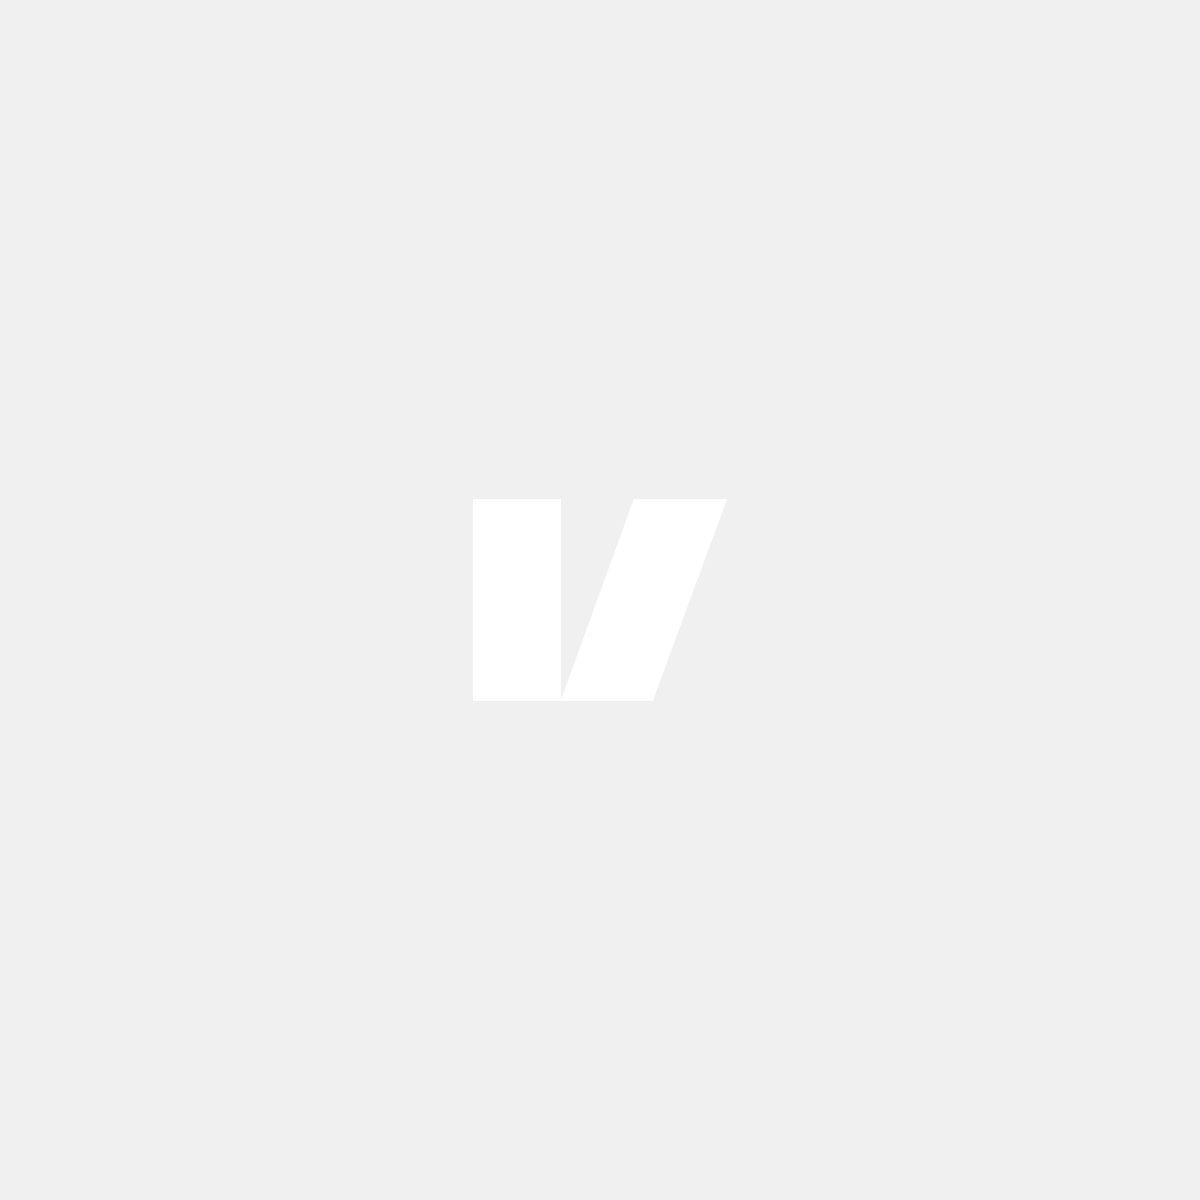 JR Sportluftfilter till Volvo 850, S70, V70, V70XC, C70